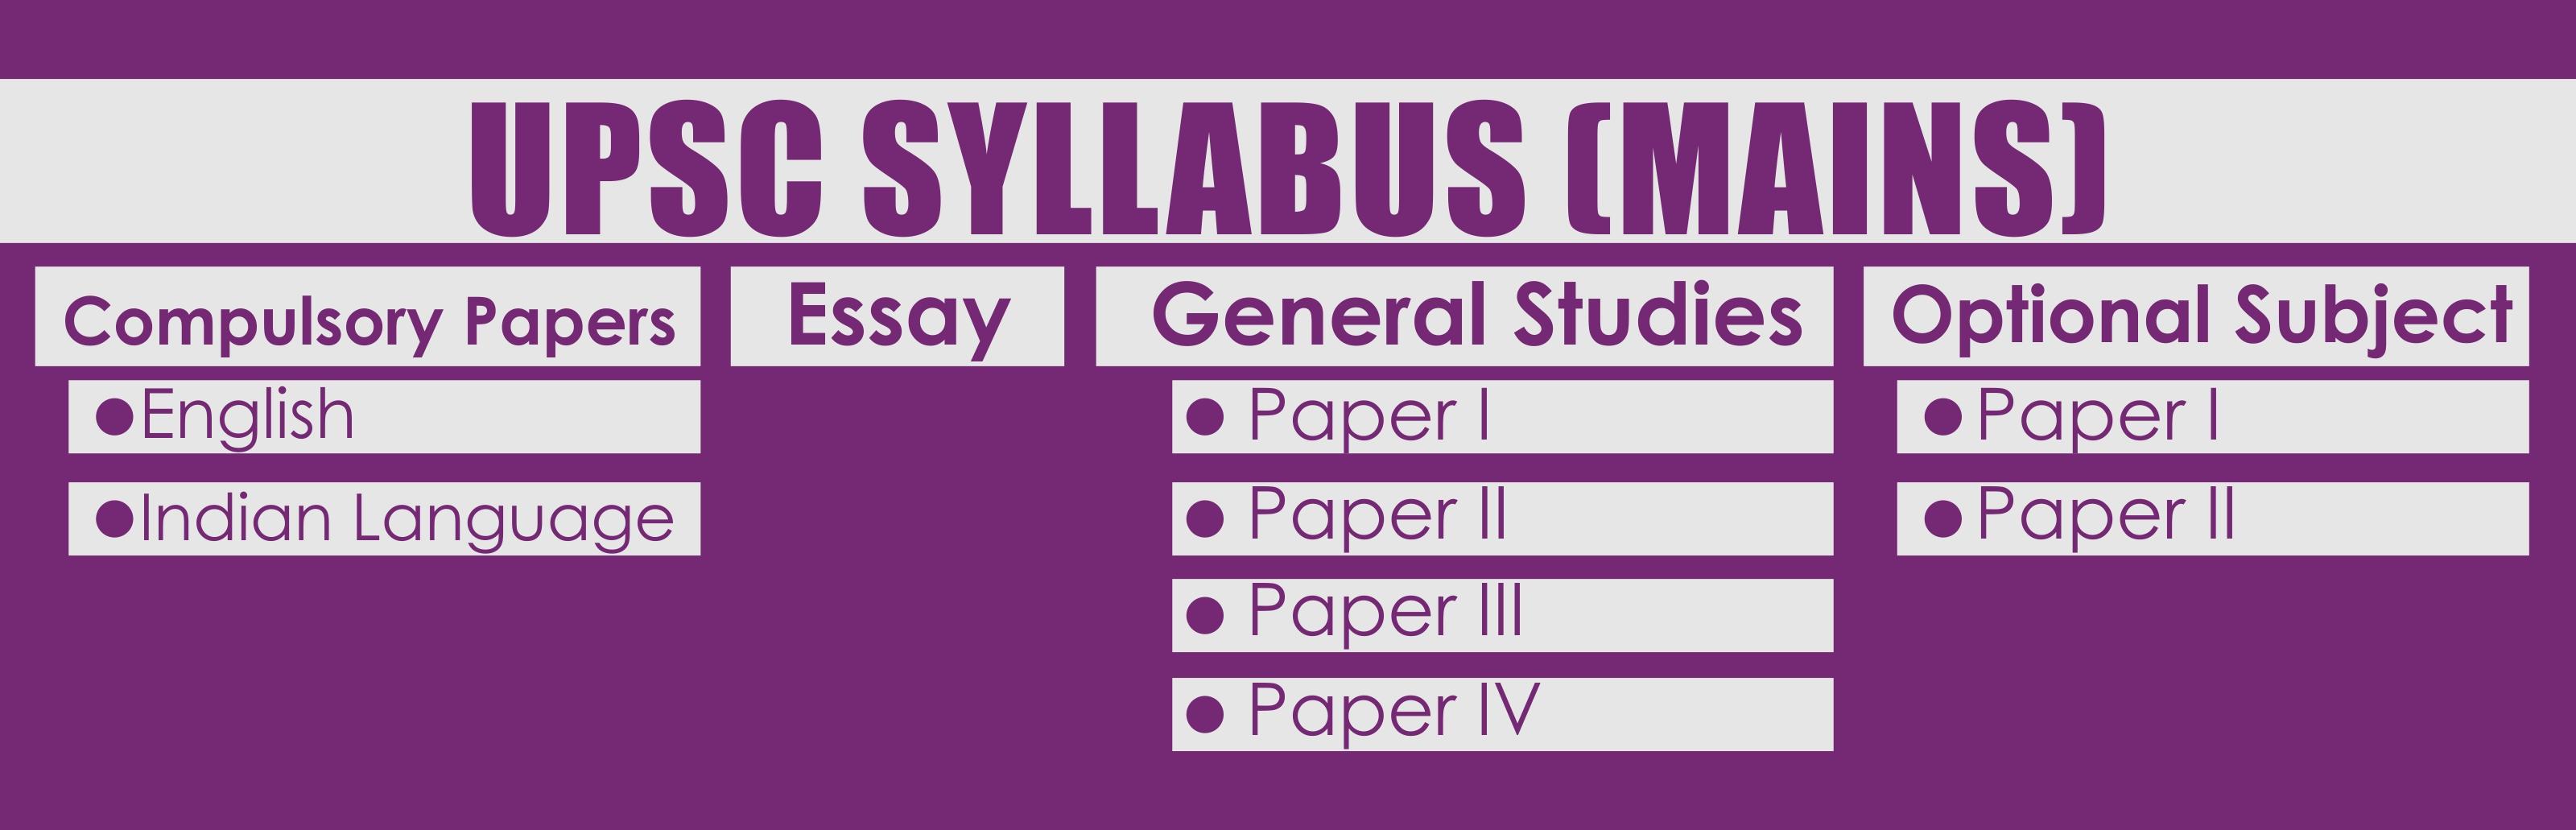 UPSC-Syllabus-Mains